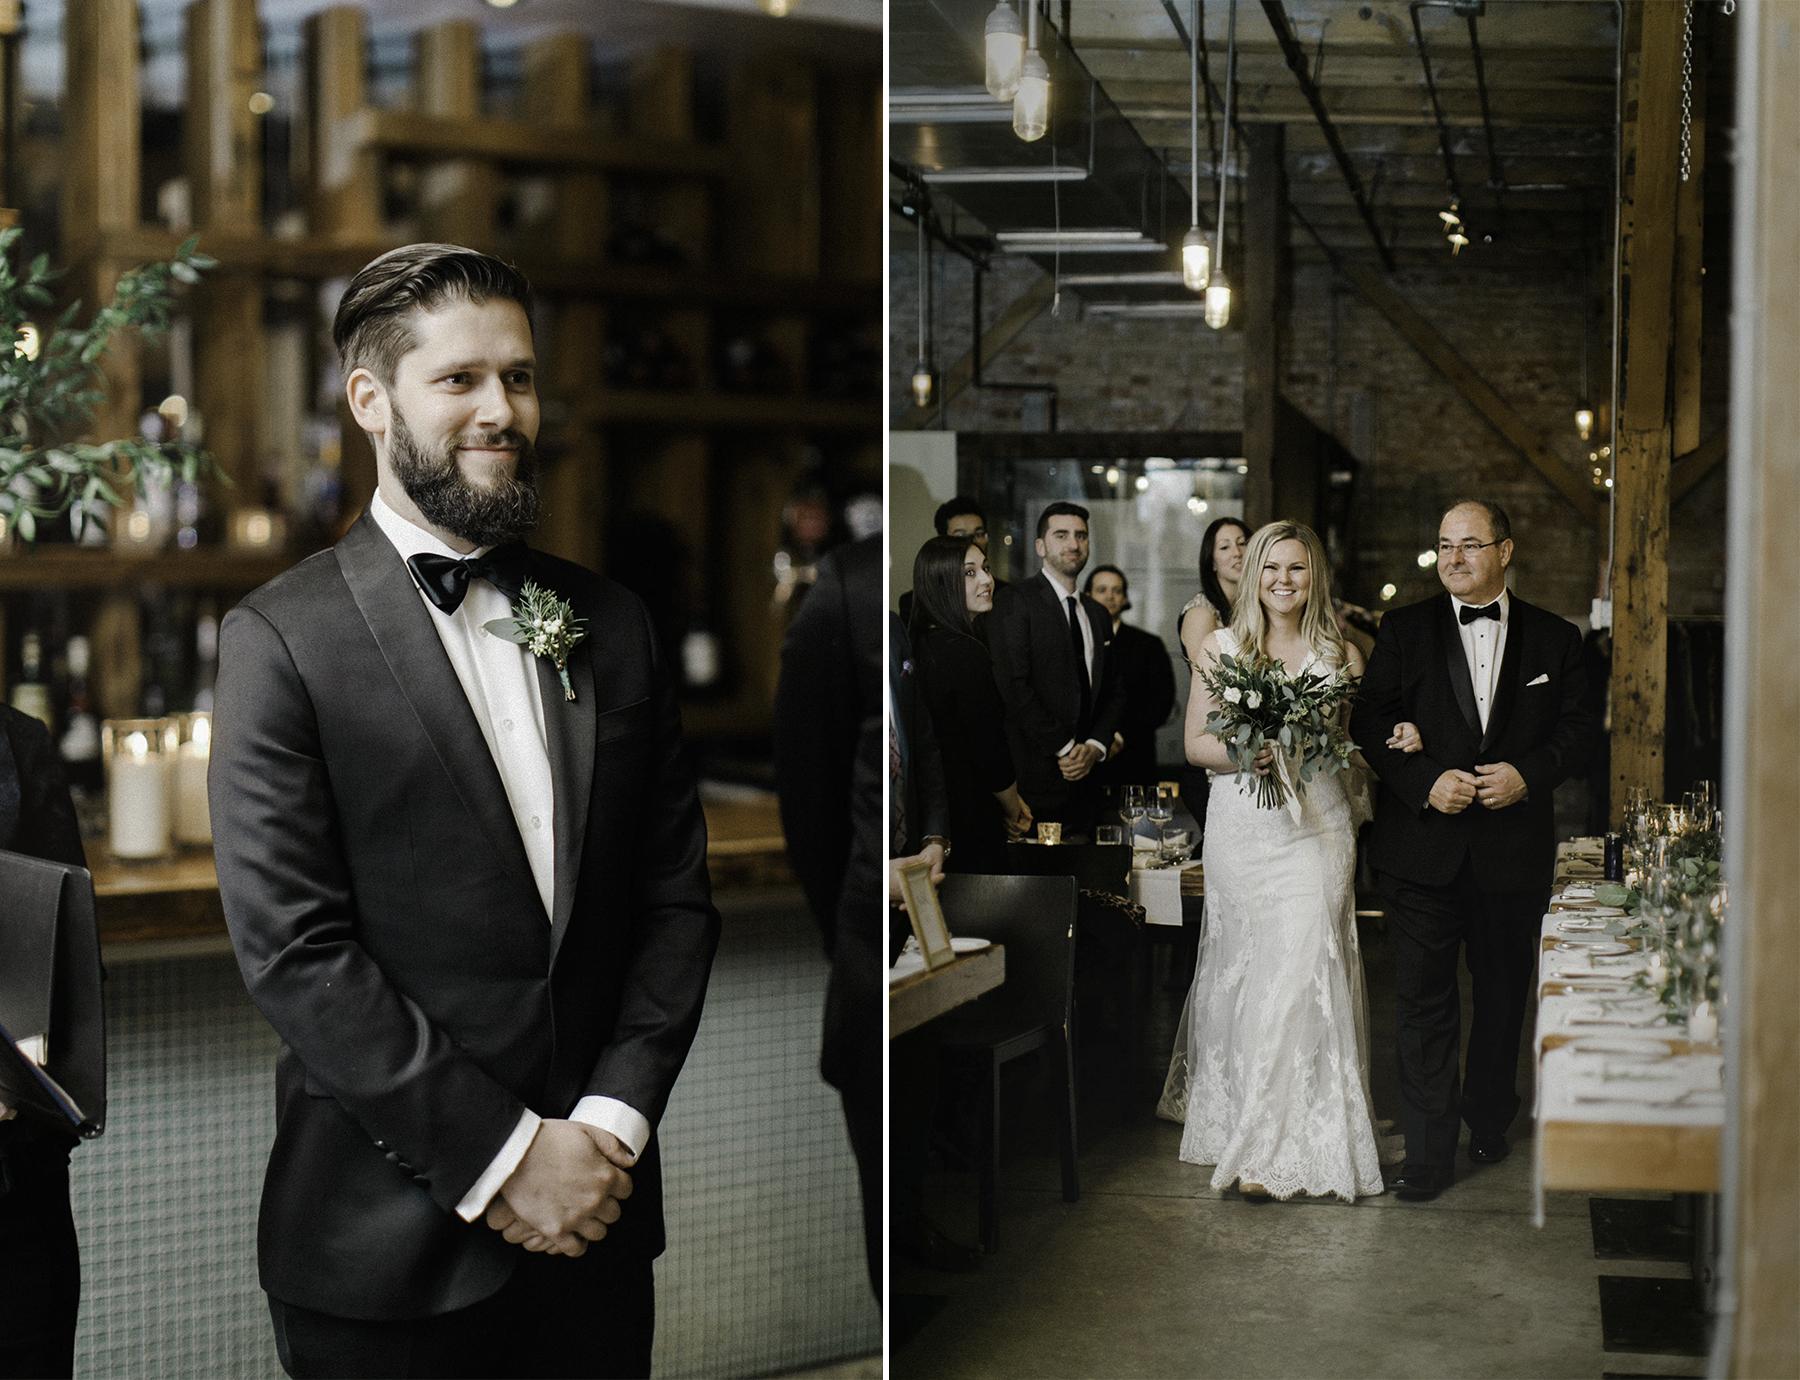 toronto-wedding-photographer-richelle-hunter-lauren-seb-17.jpg